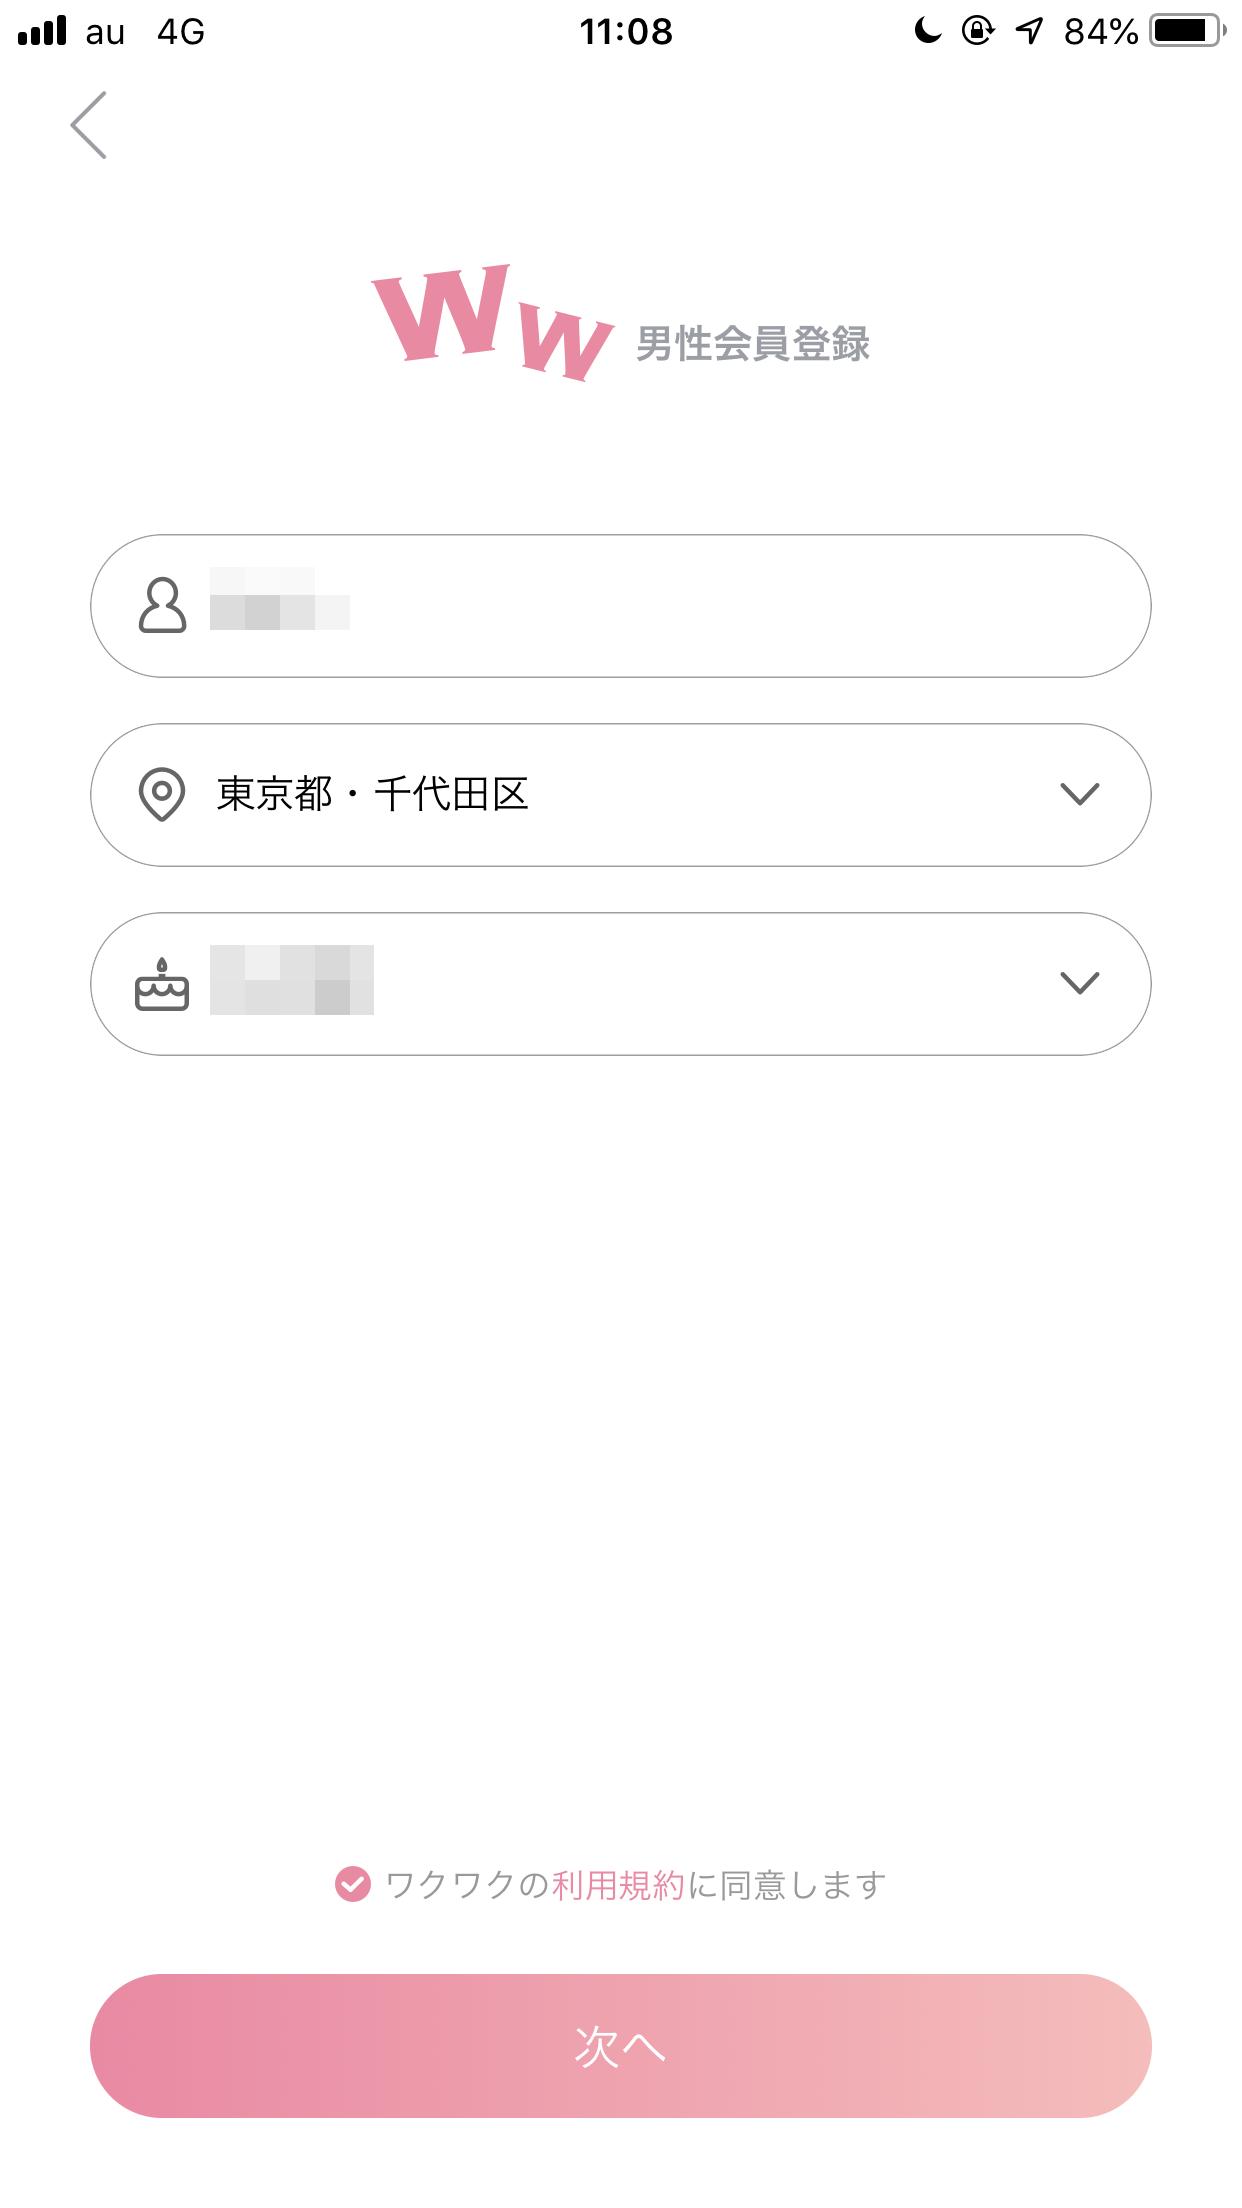 ワクワクメール ワクワクメールの登録時にニックネーム住所年齢を入力